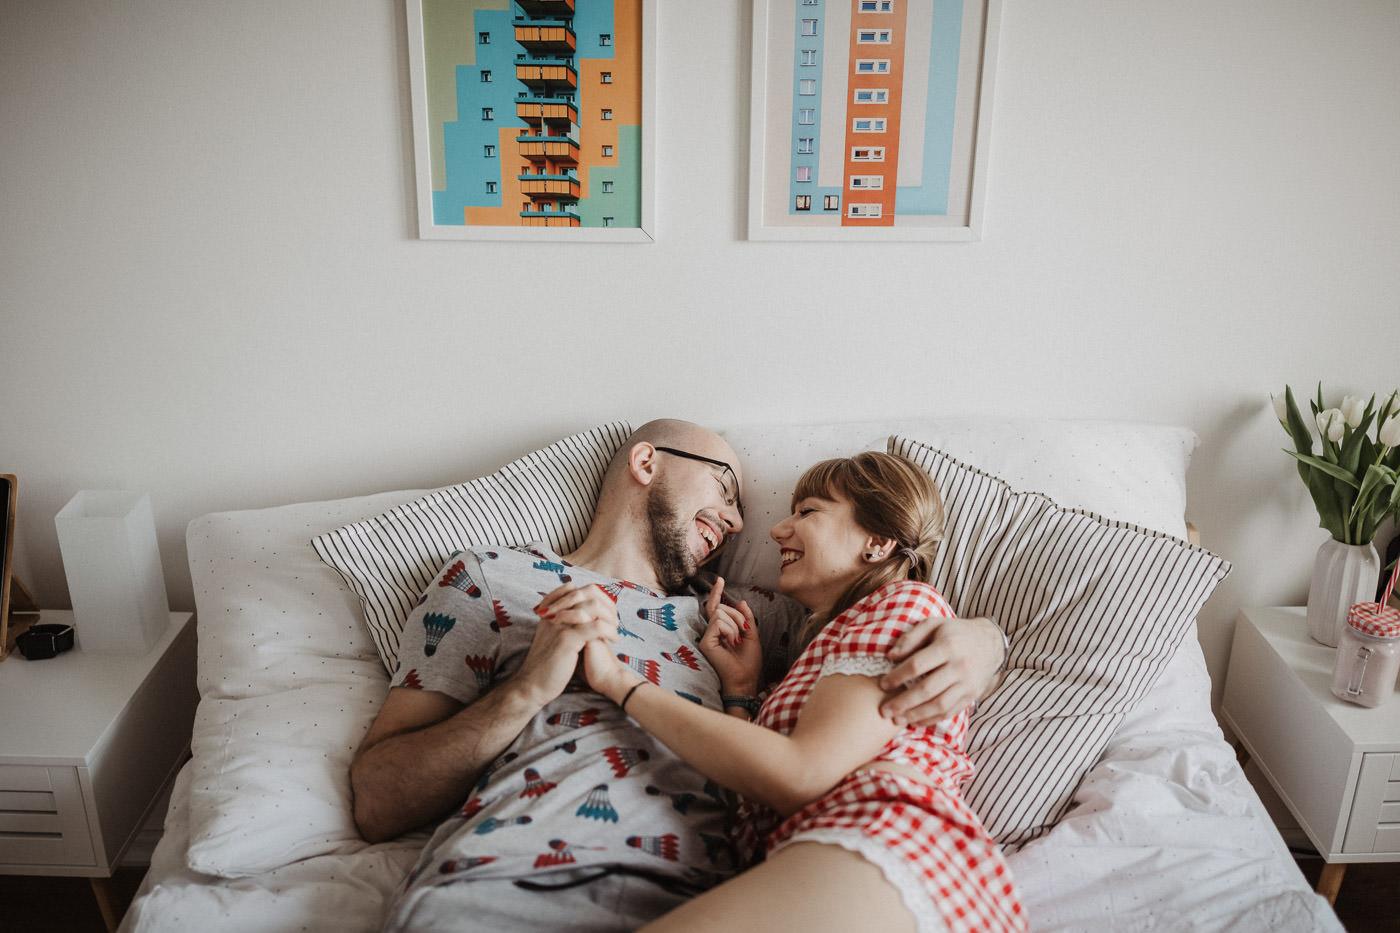 Sesja zakochanych Sesja w mieszkaniu prezent na walentynki